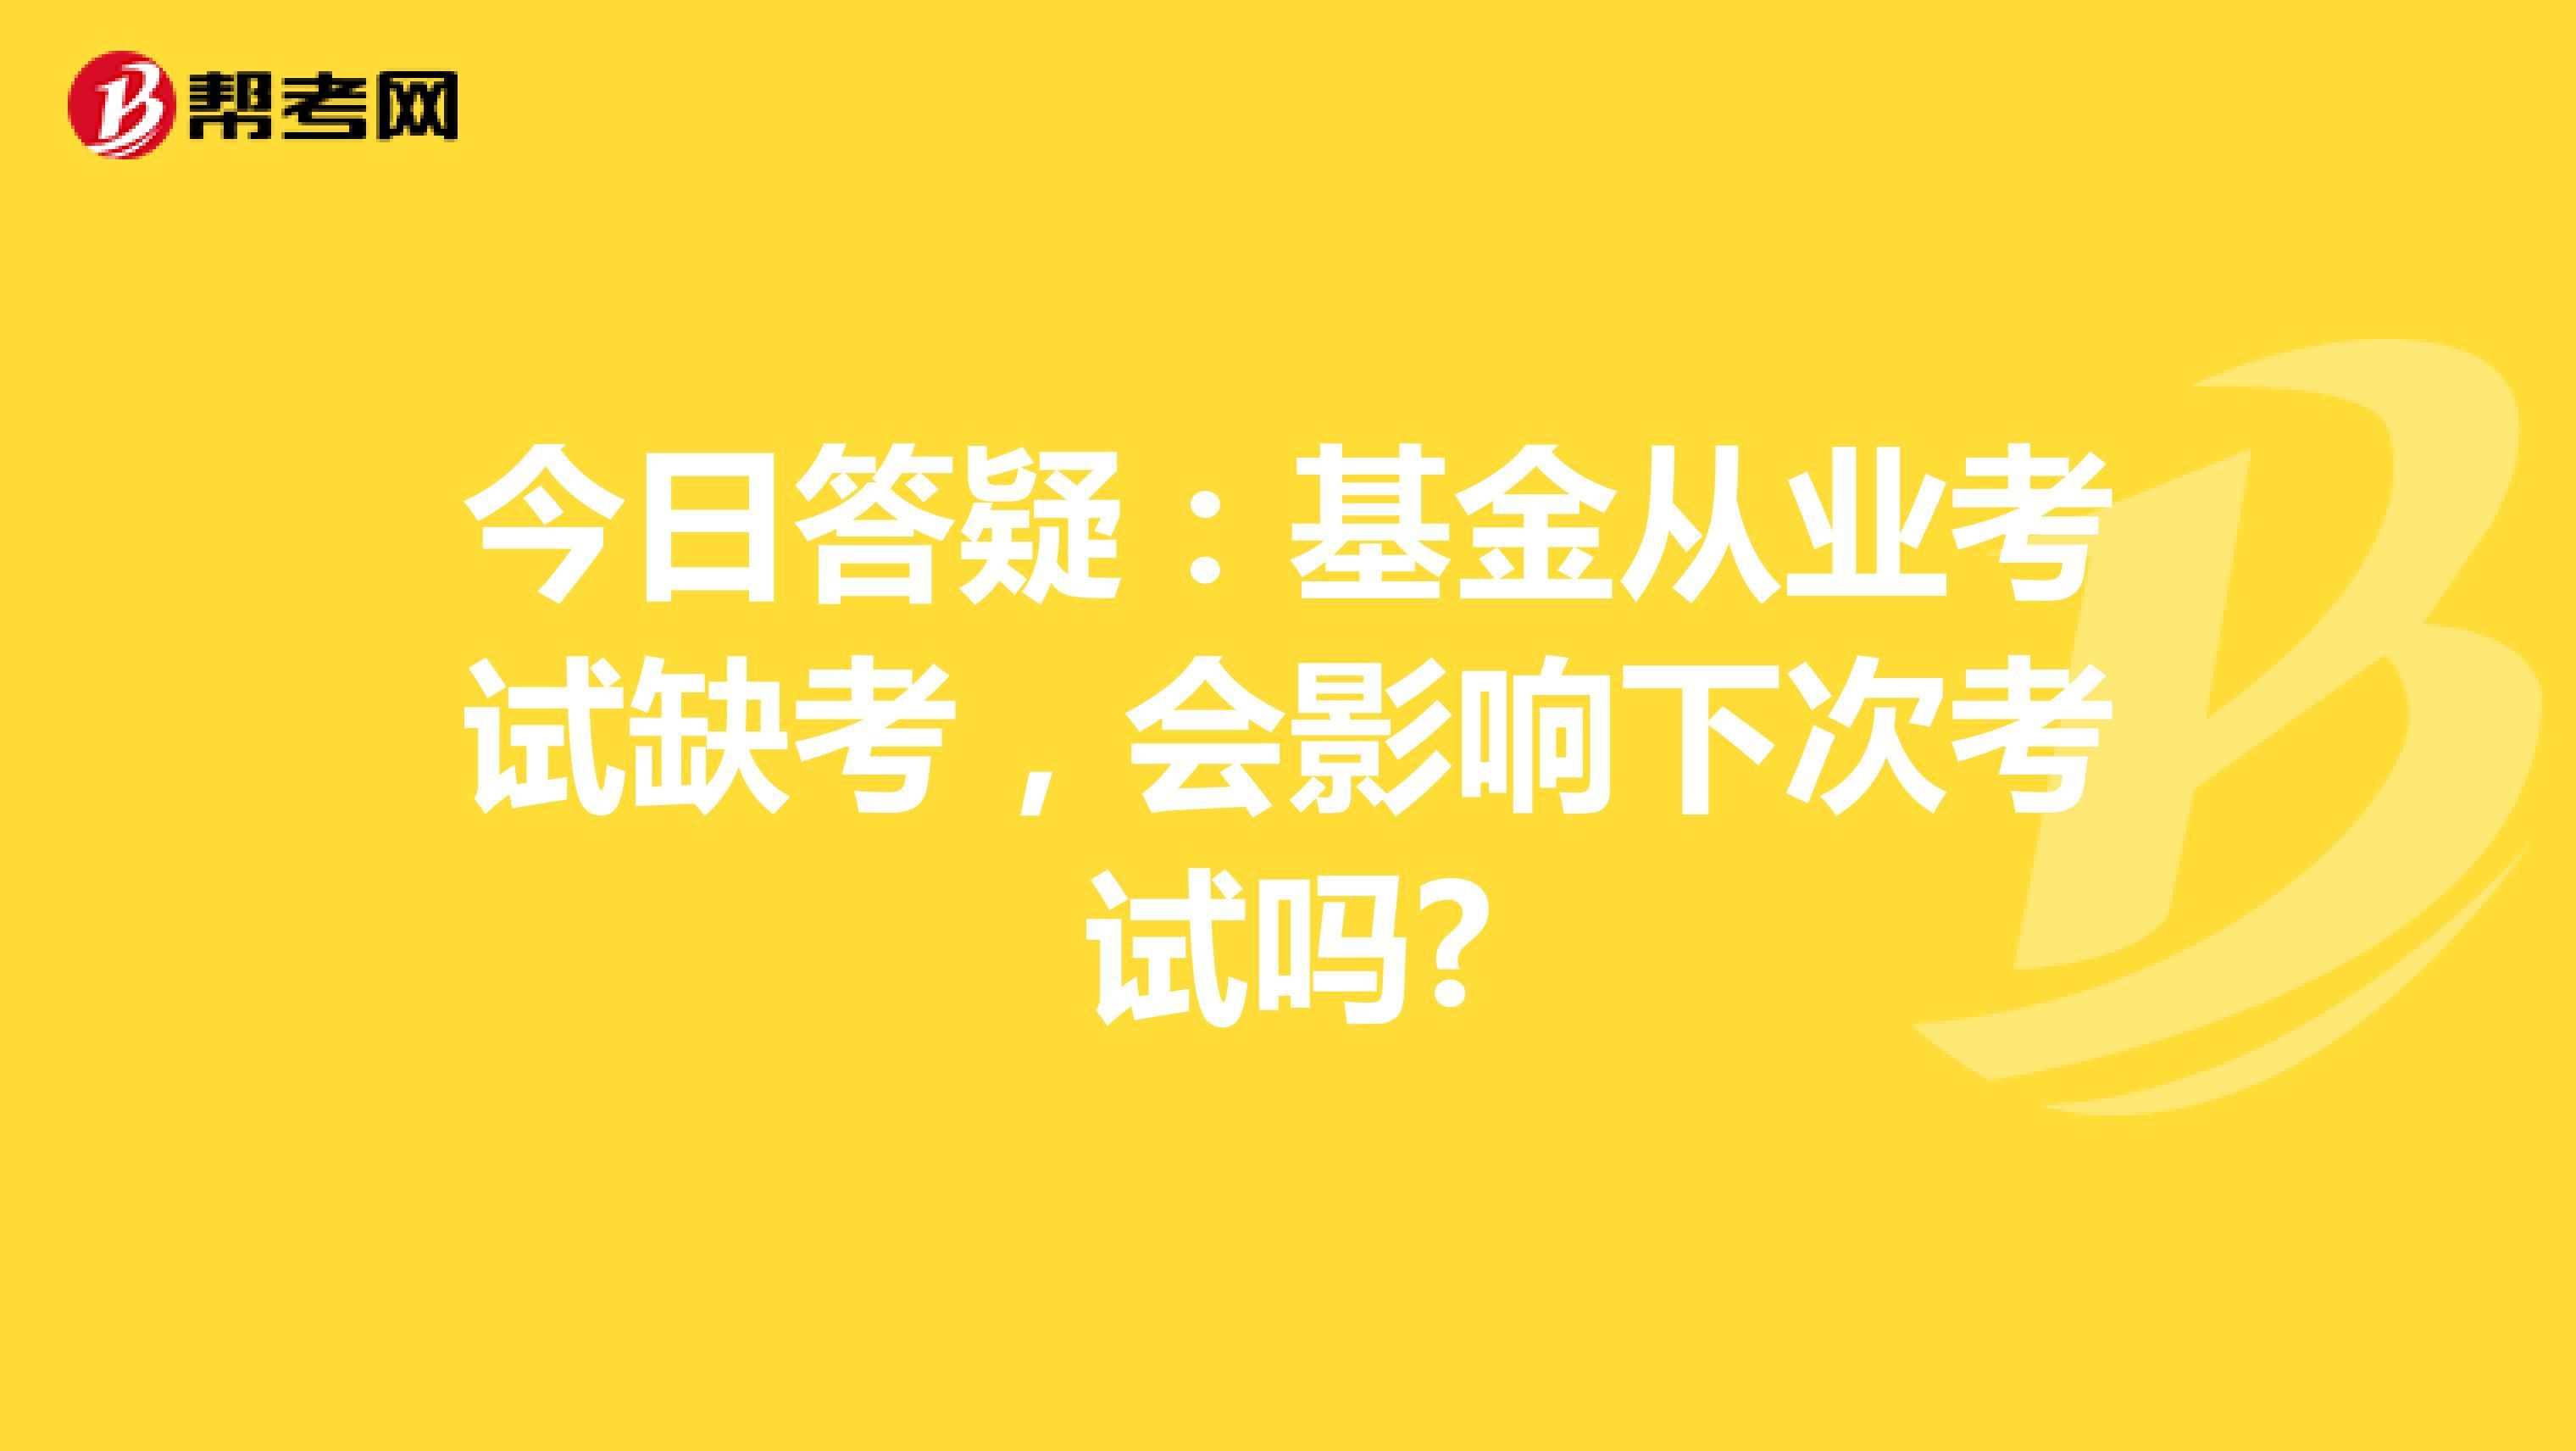 今日答疑:基金从业考试缺考,会影响下次考试吗?